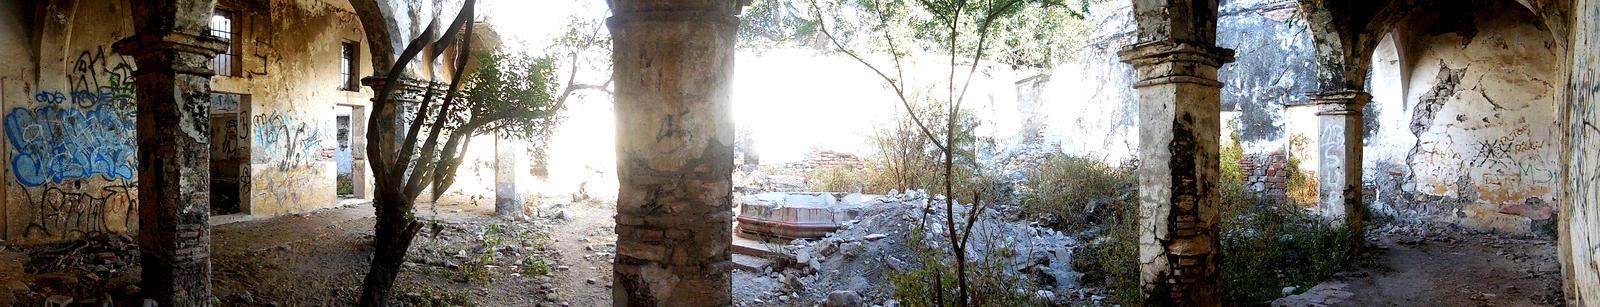 Ex hacienda de San Juan Raboso, I. de M. Puebla by MauLeonS